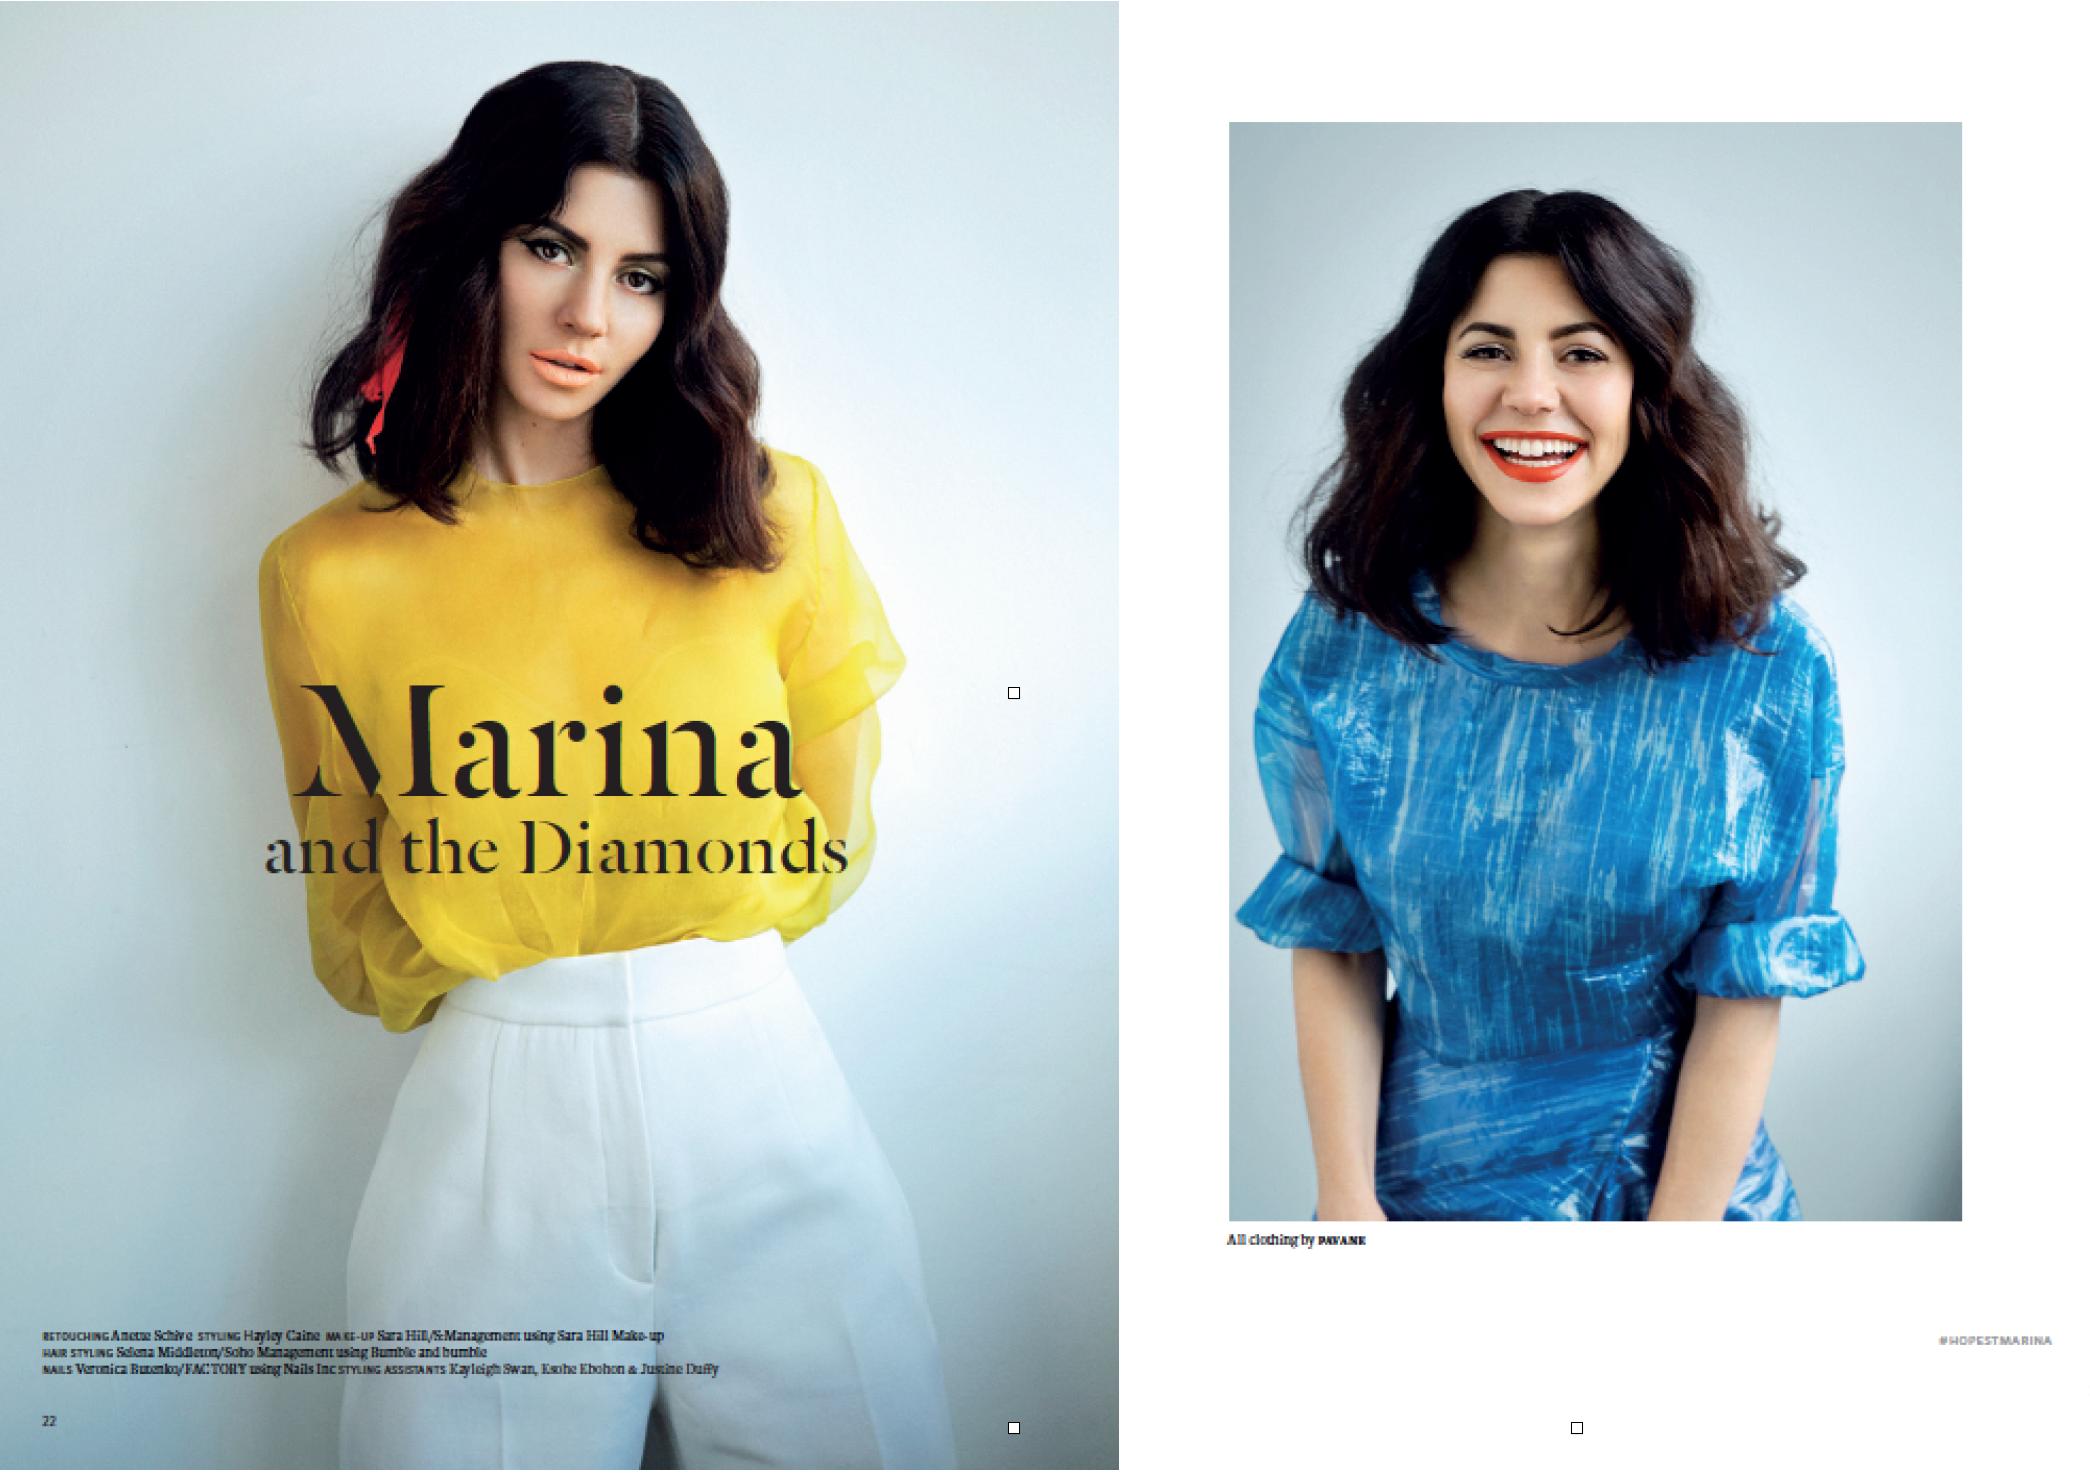 Marina Diamandis - Singer